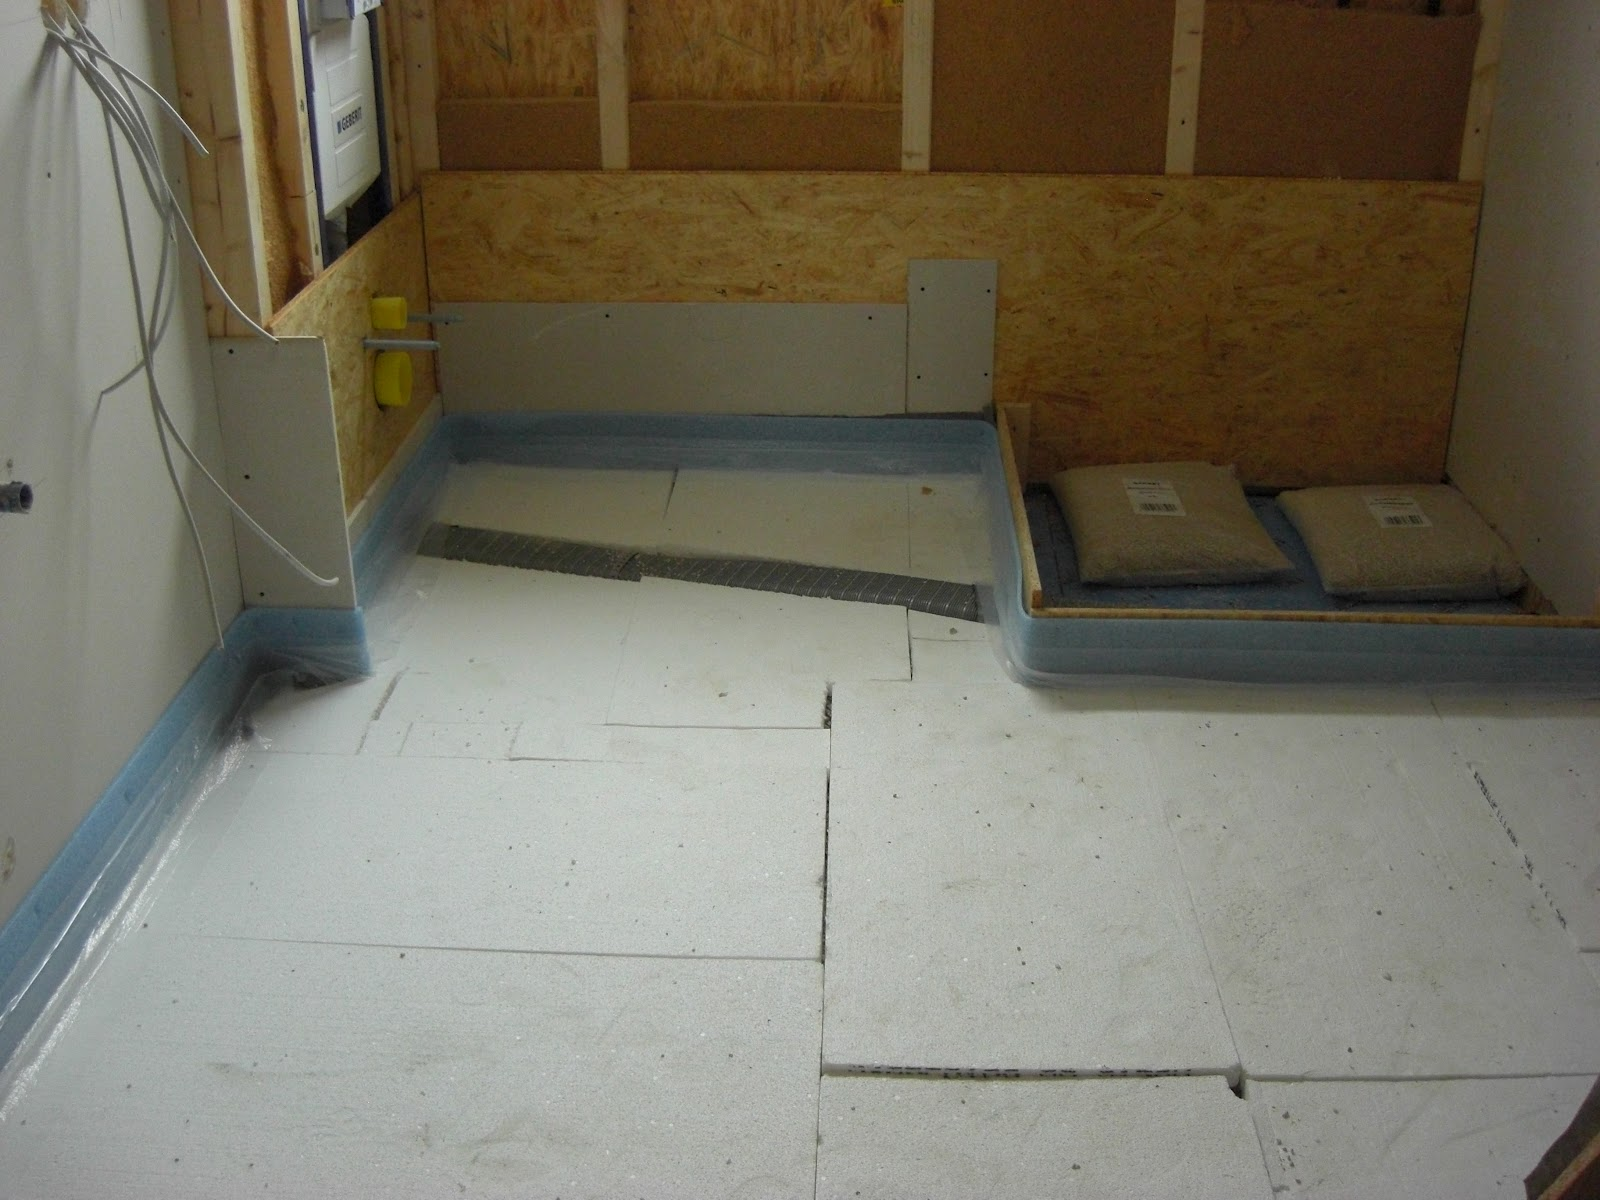 hausnummer 49 abschluss fu bodend mmung und zementestrich technikraum. Black Bedroom Furniture Sets. Home Design Ideas